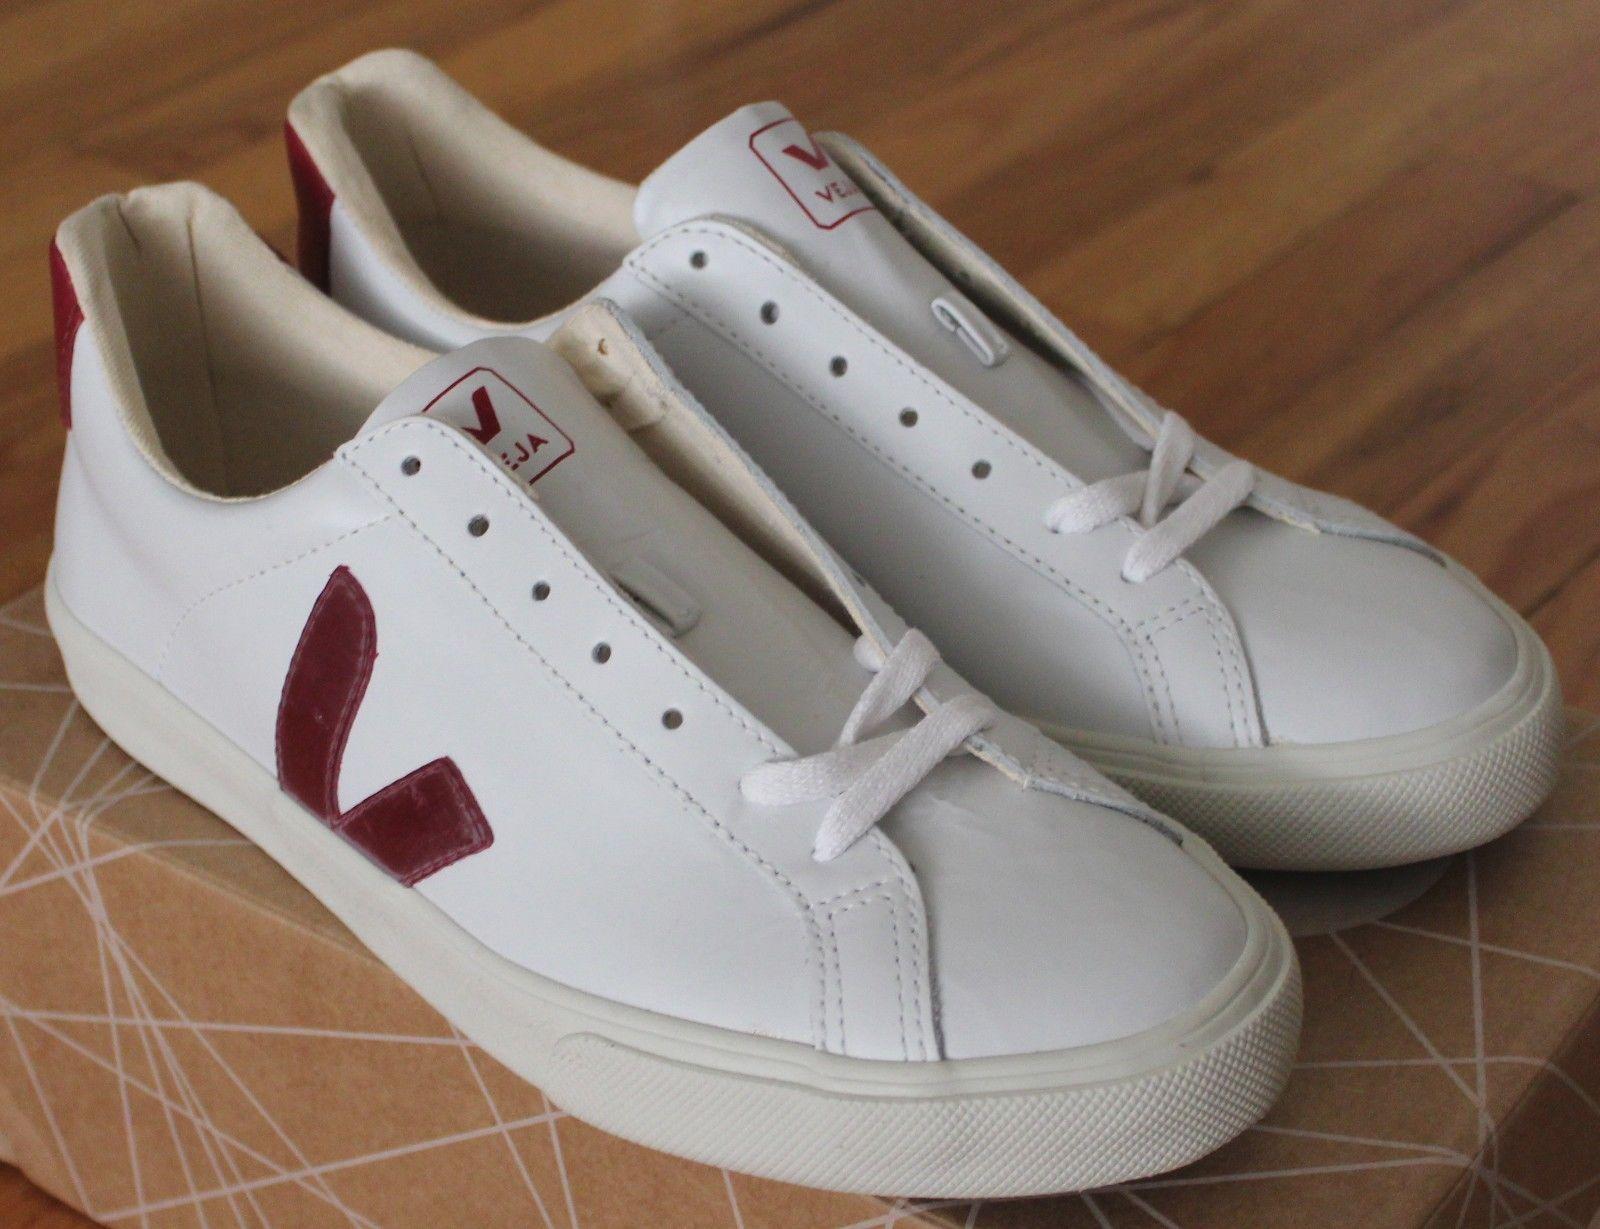 Veja Esplar Sneakers Size 42 White